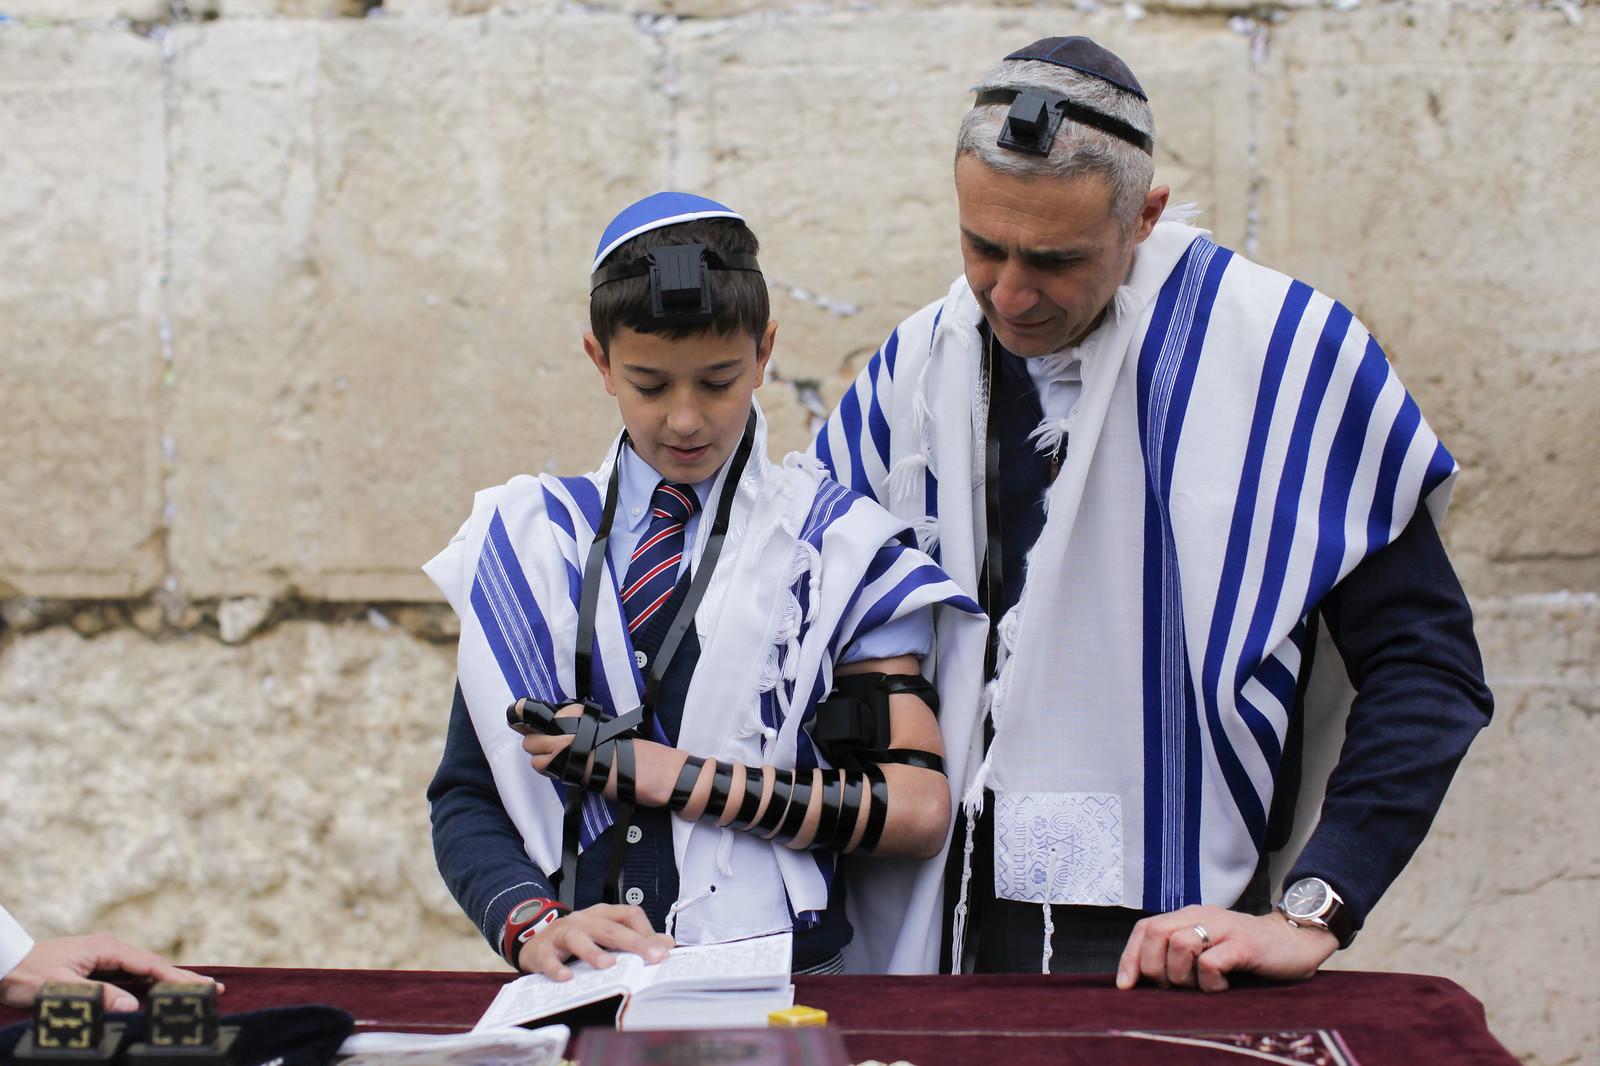 Bar Mitzvah 9_Jerusalem_9637_Yonatan Sindel_Flash 90_IMOT